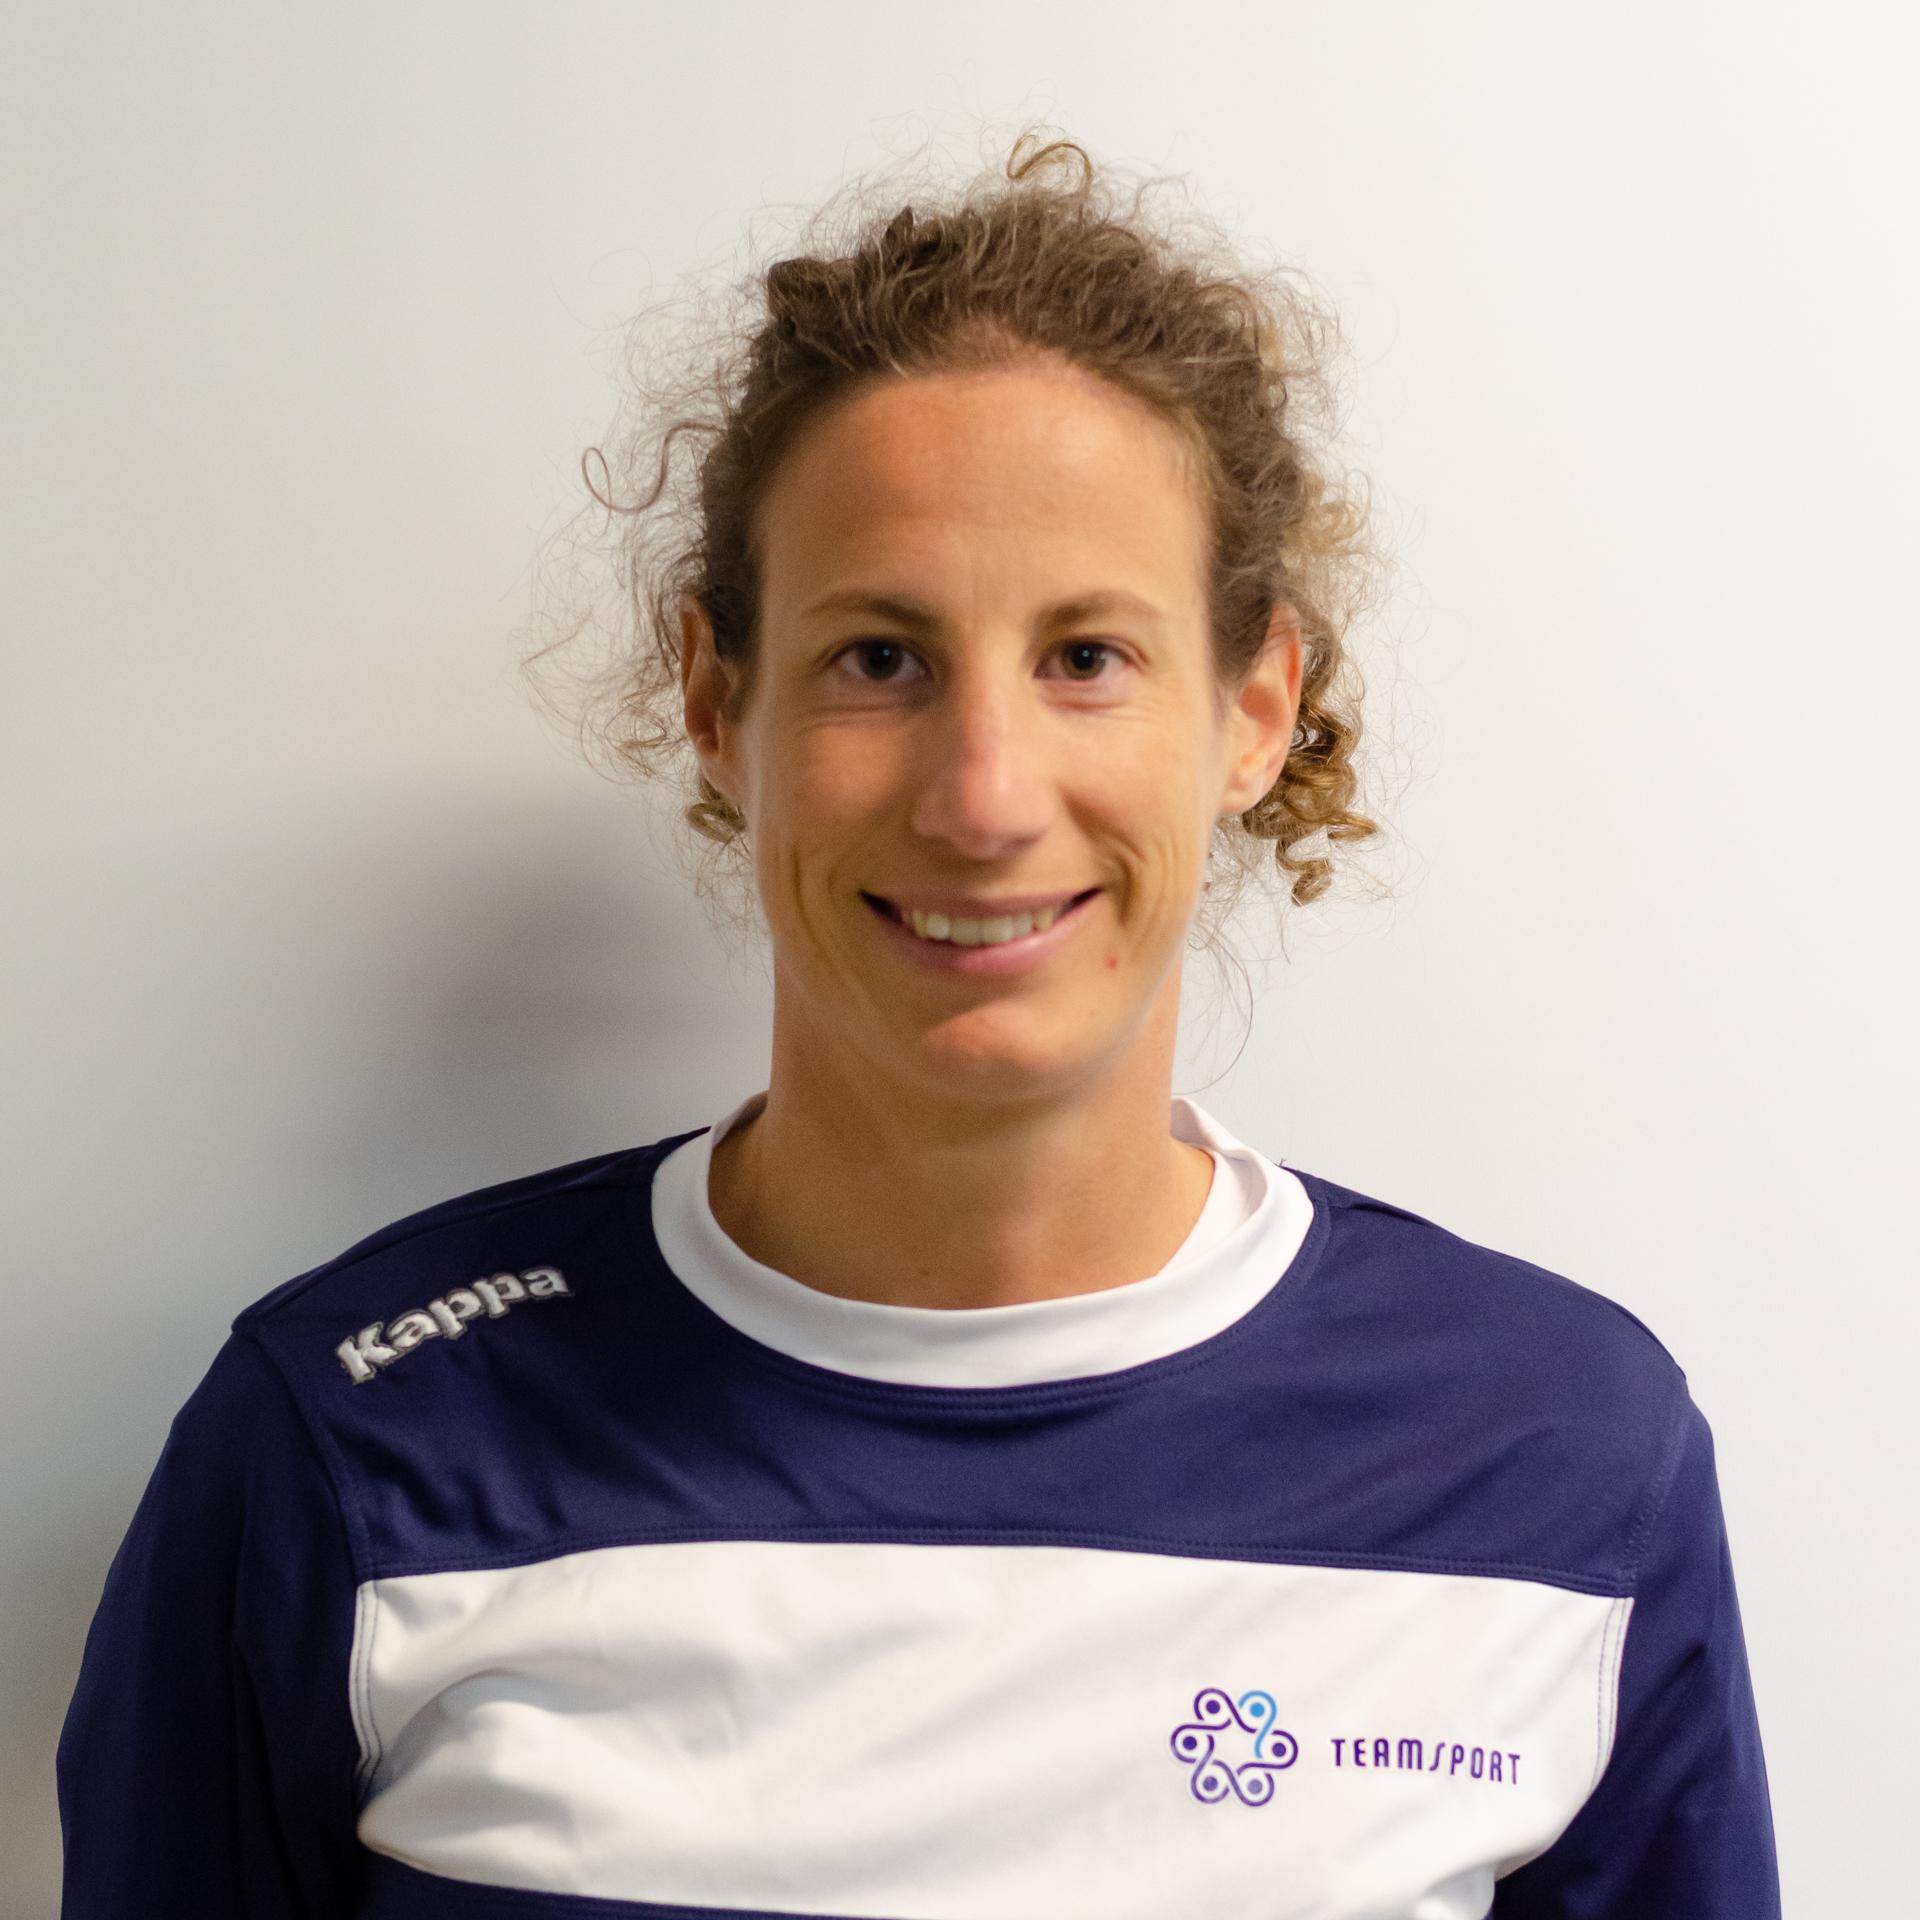 Silvia Volonterio